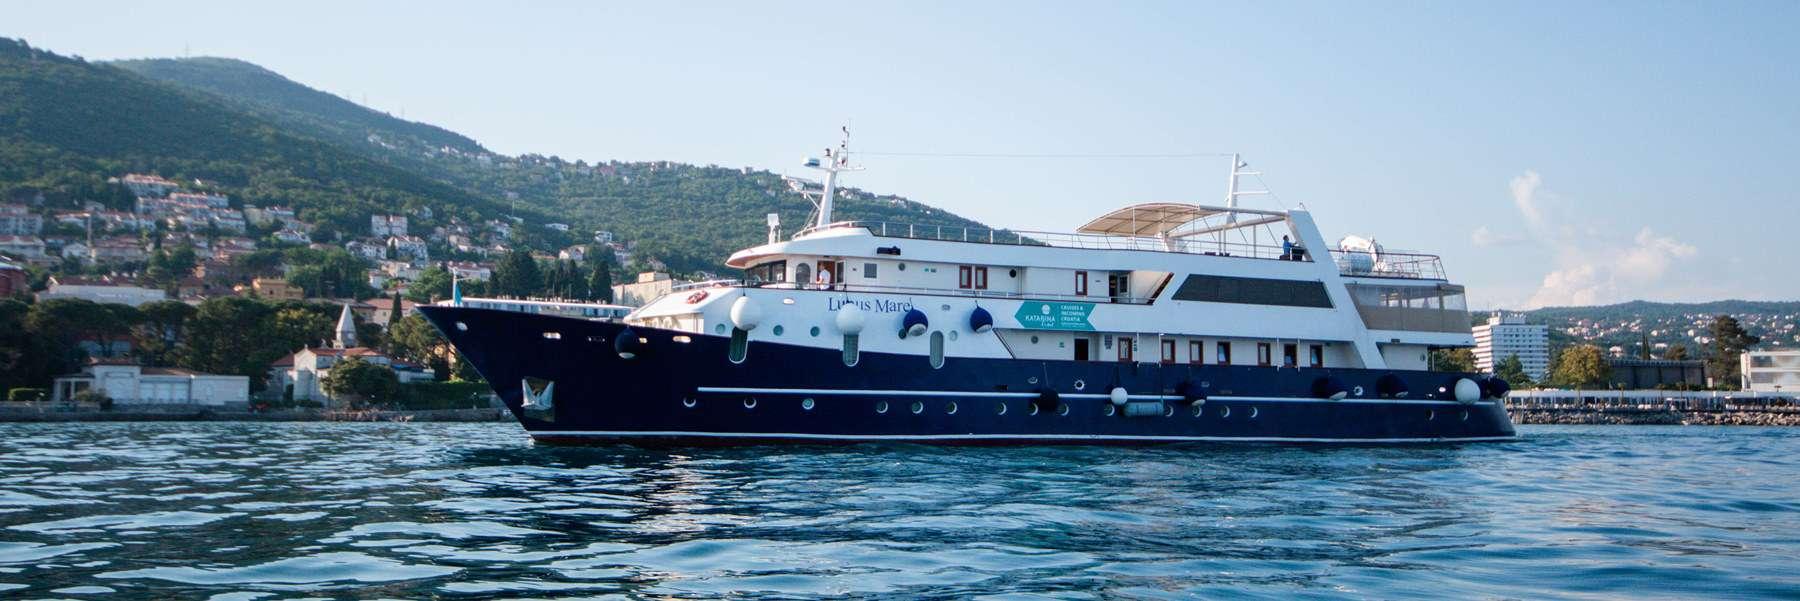 Lupus Mare, Cruise ship Croatia